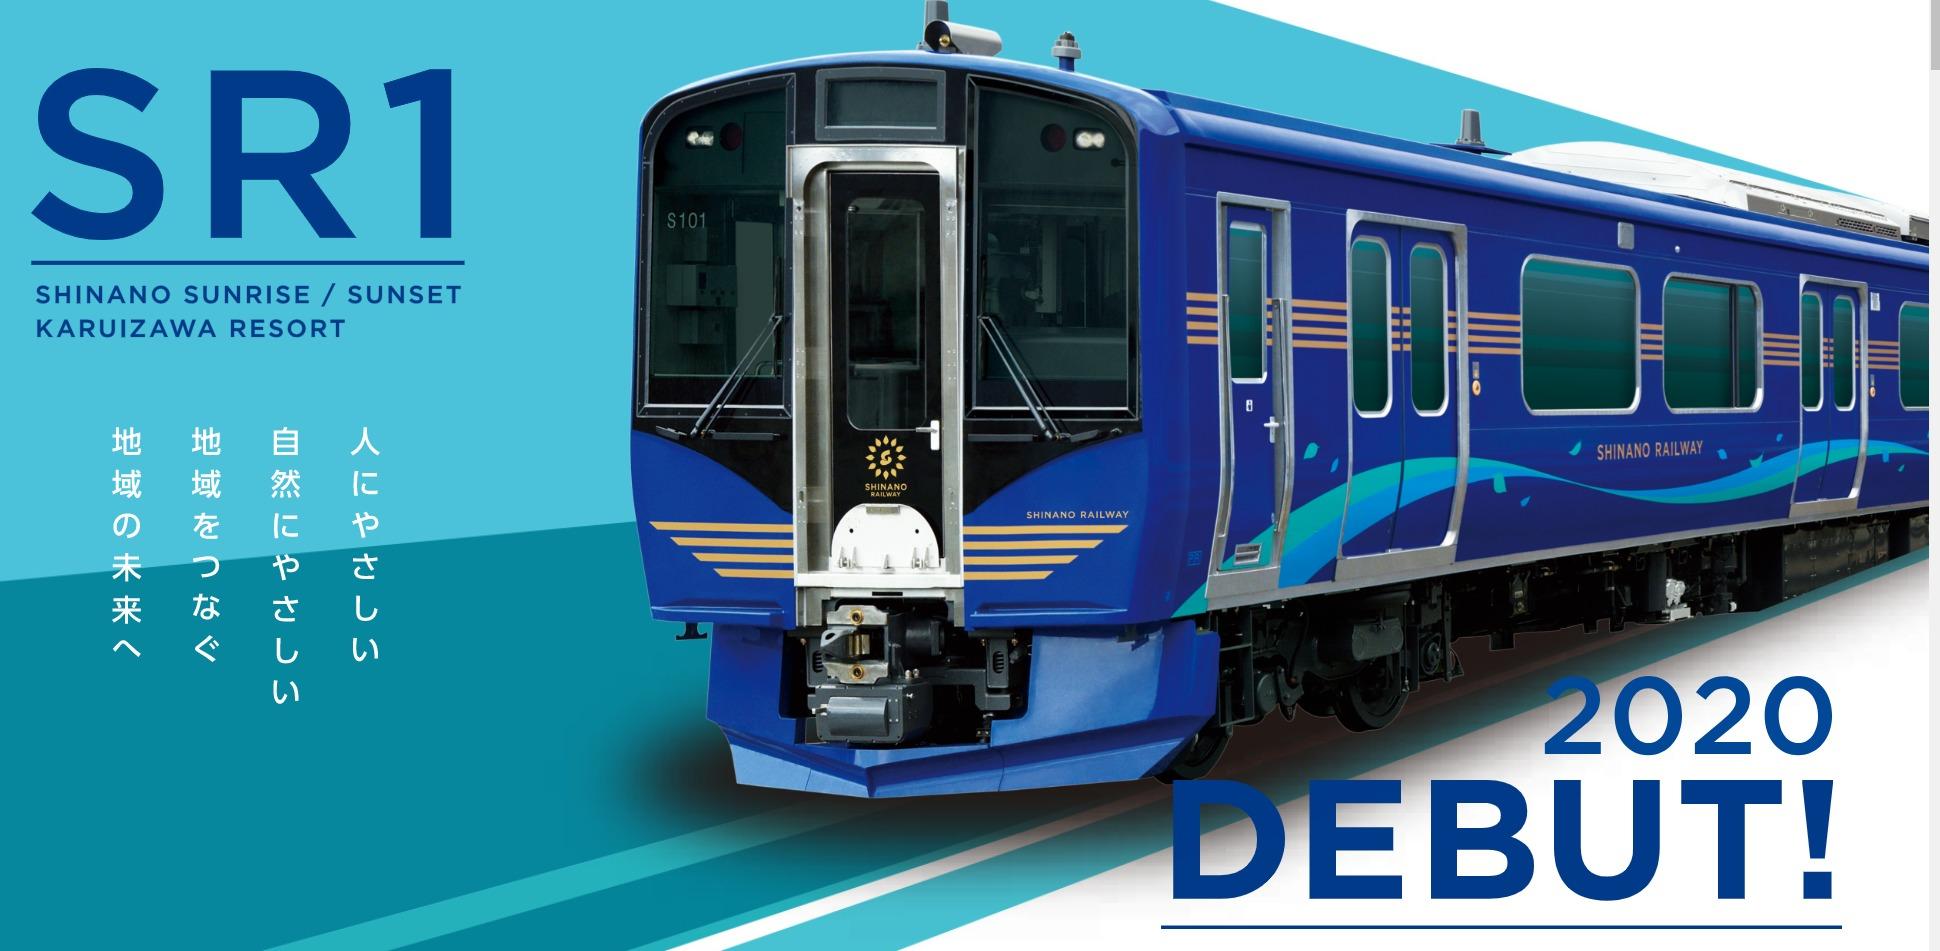 【7/4から】しなの鉄道 一部普通列車ダイヤを115系からSR1系への置き換え開始を発表 料金不要でSR1系に乗車可能